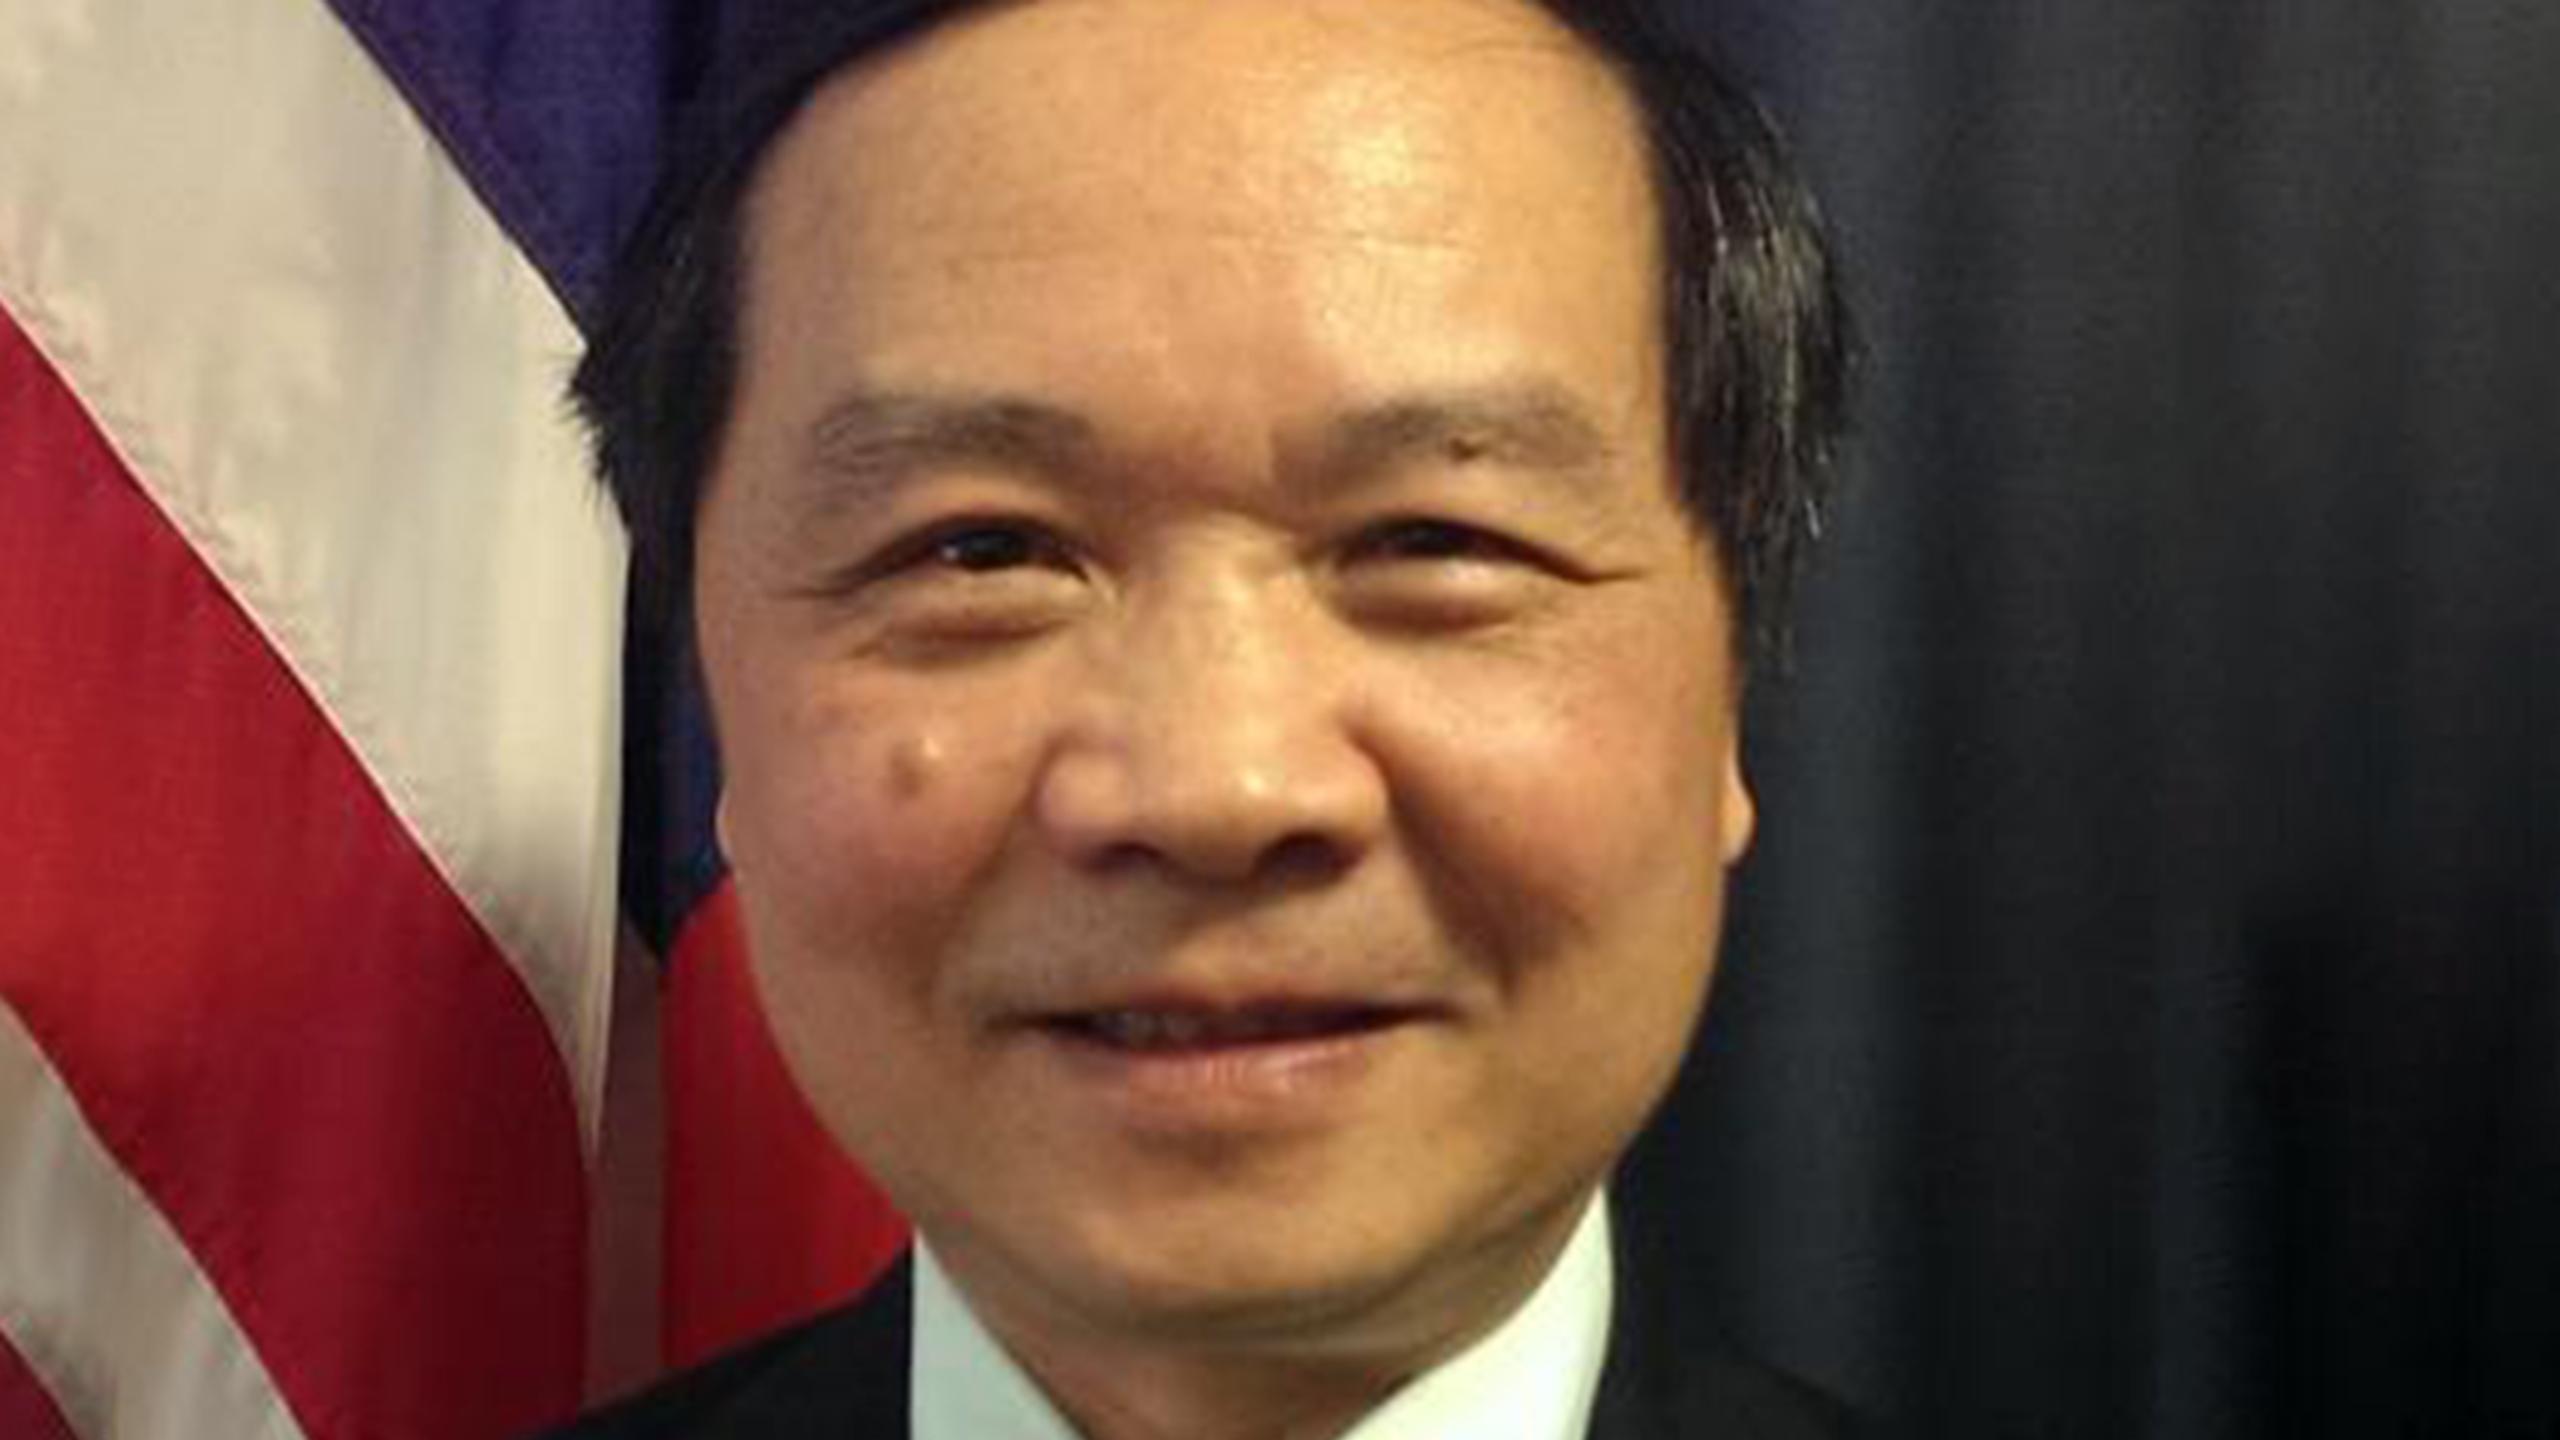 SEMINAR SERIES: Dr. Hongwei Hsiao | NIOSH